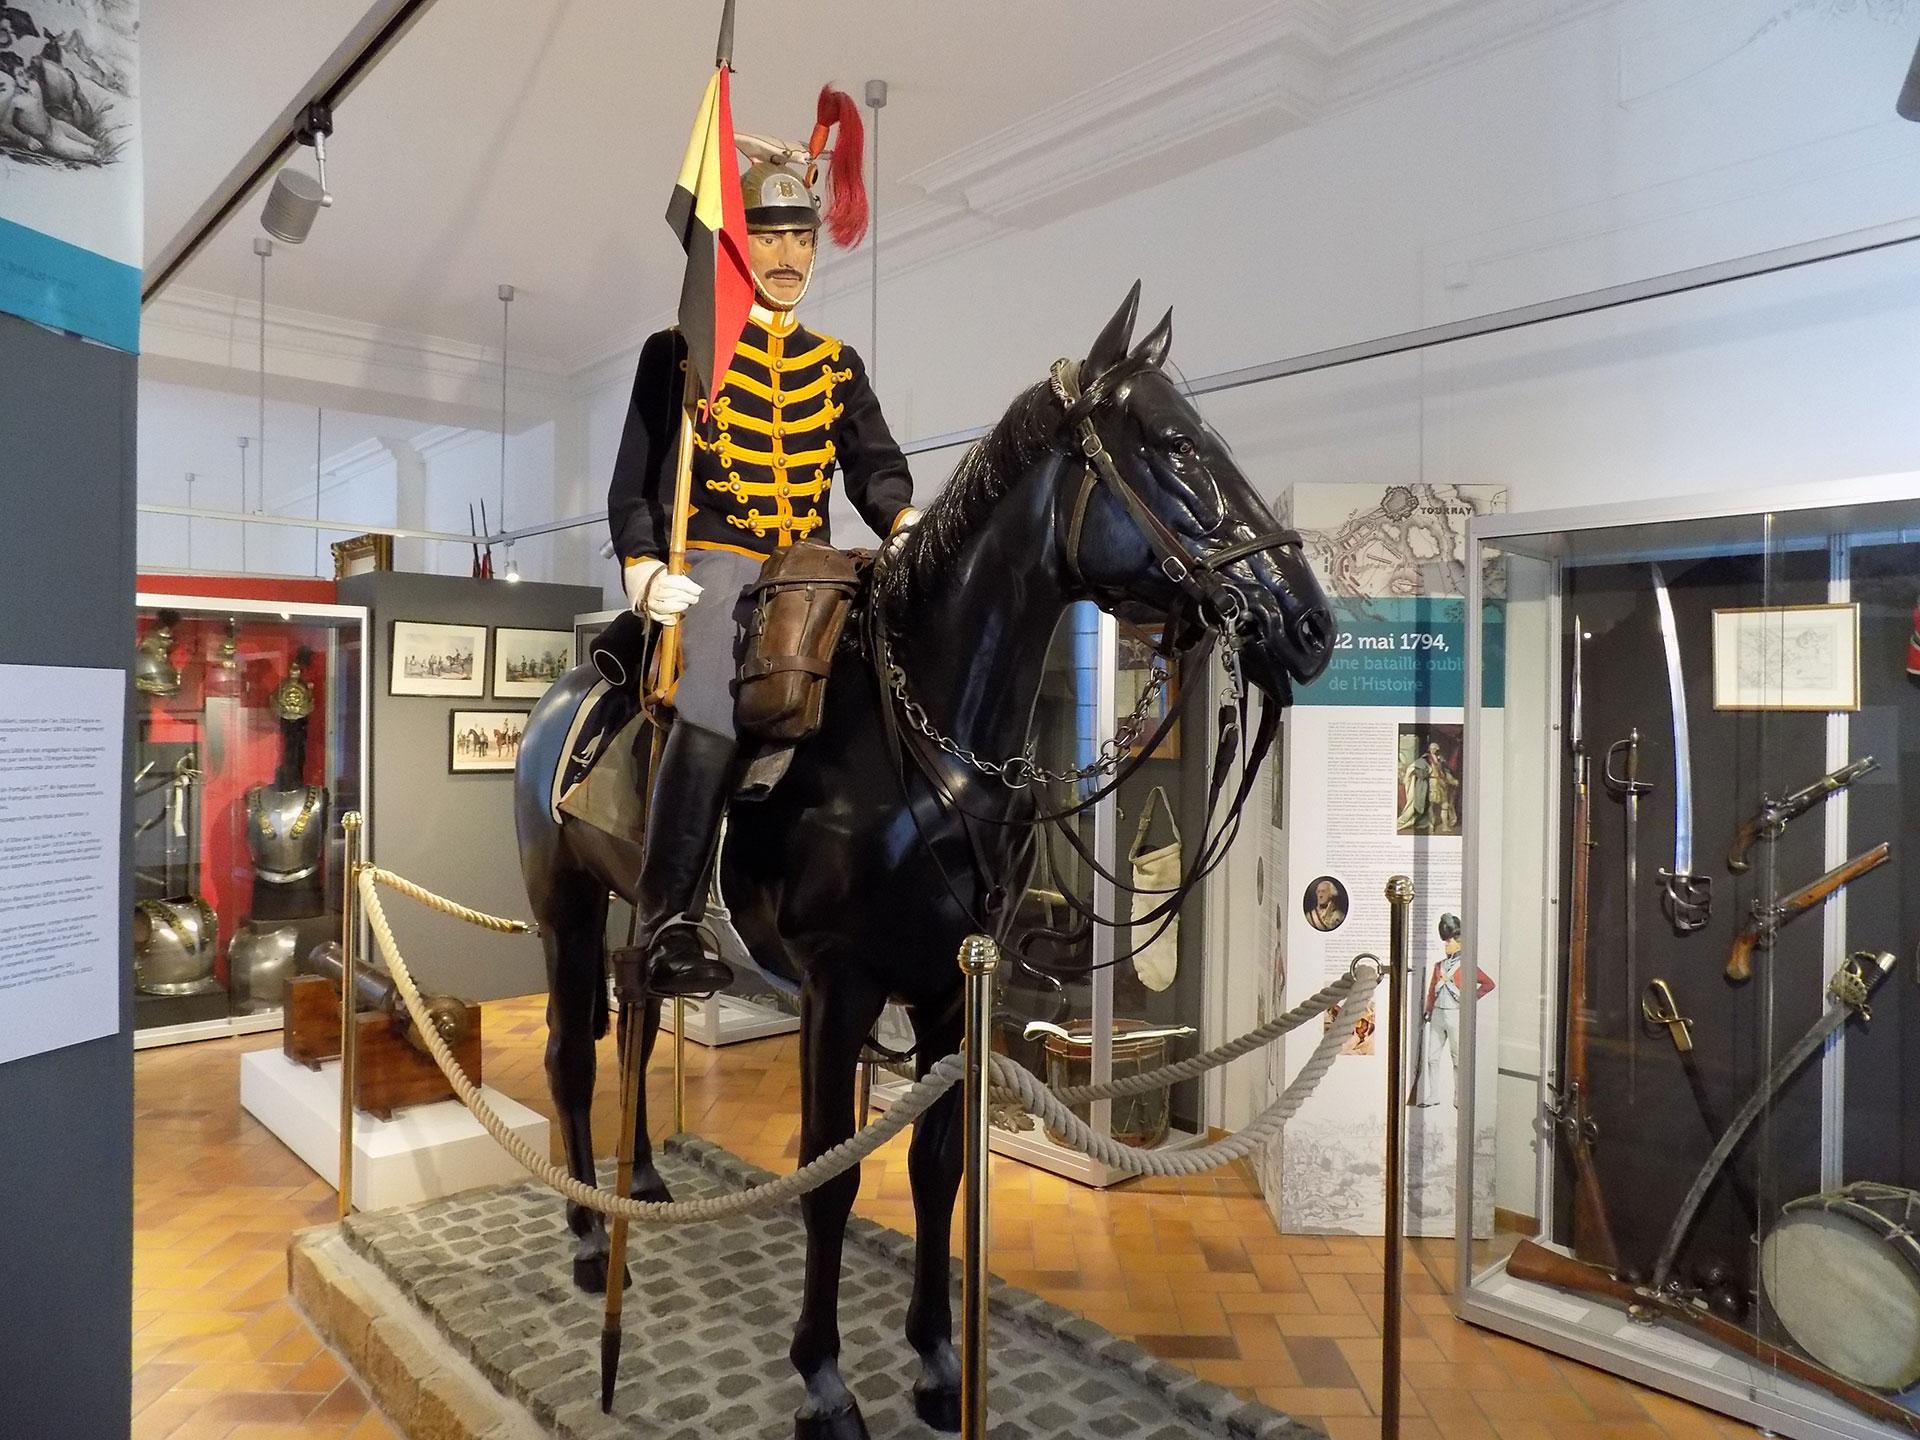 Musée - Royal - Armes - Histoire - militaire - Tournai